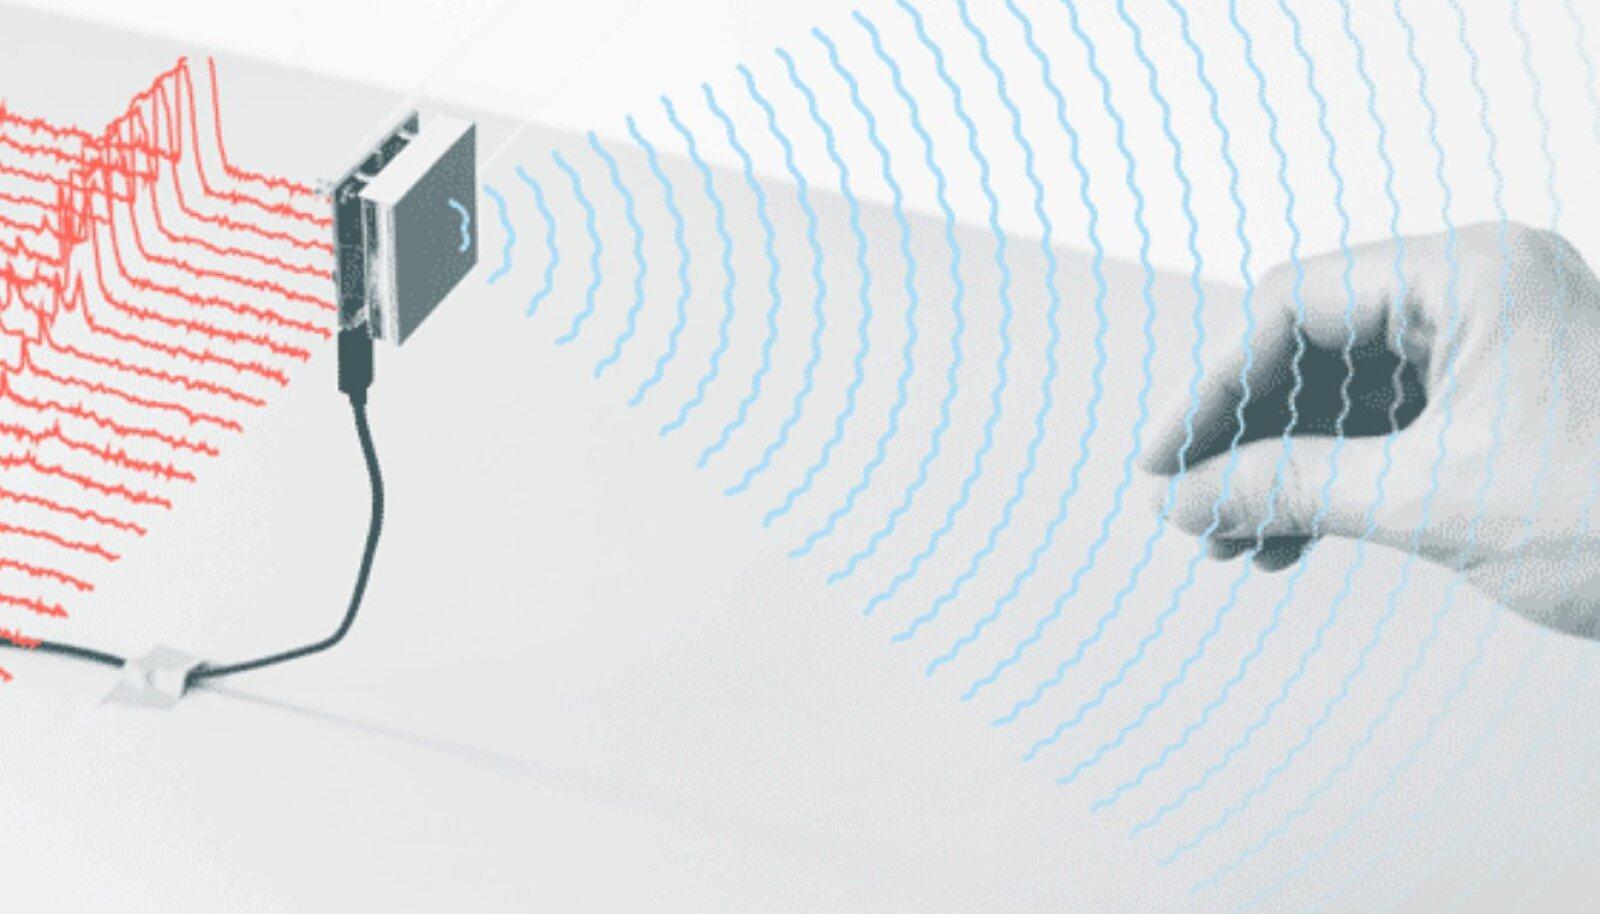 Soli radaritehnoloogia - kätt on vaja liigutada radari ees ning seeläbi saab nutiseadet kontrollida